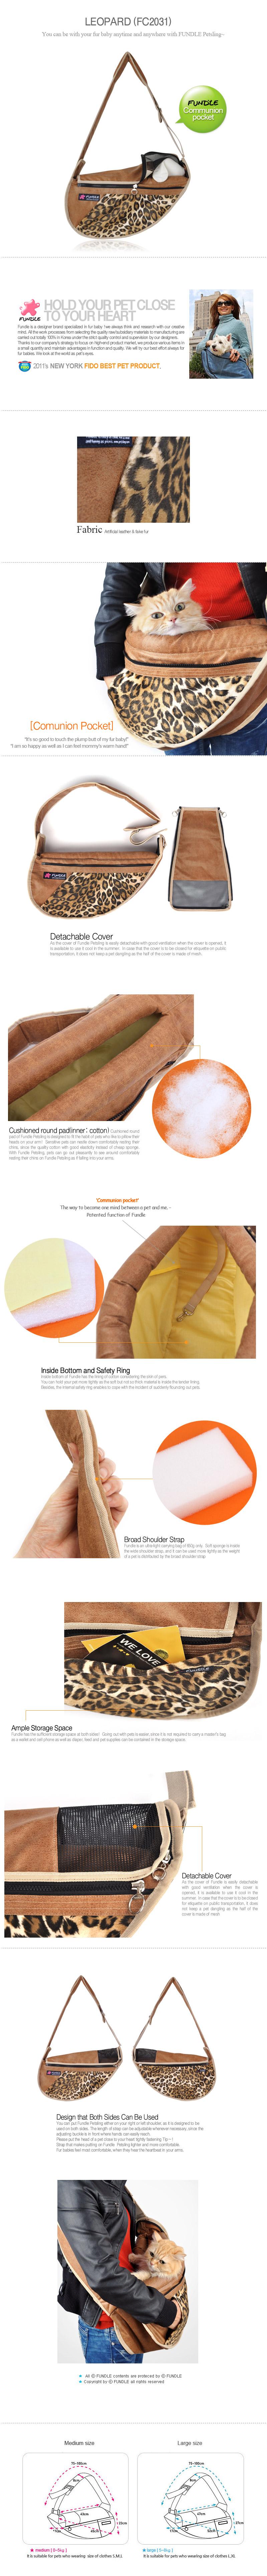 dog sling carrier manufacturer